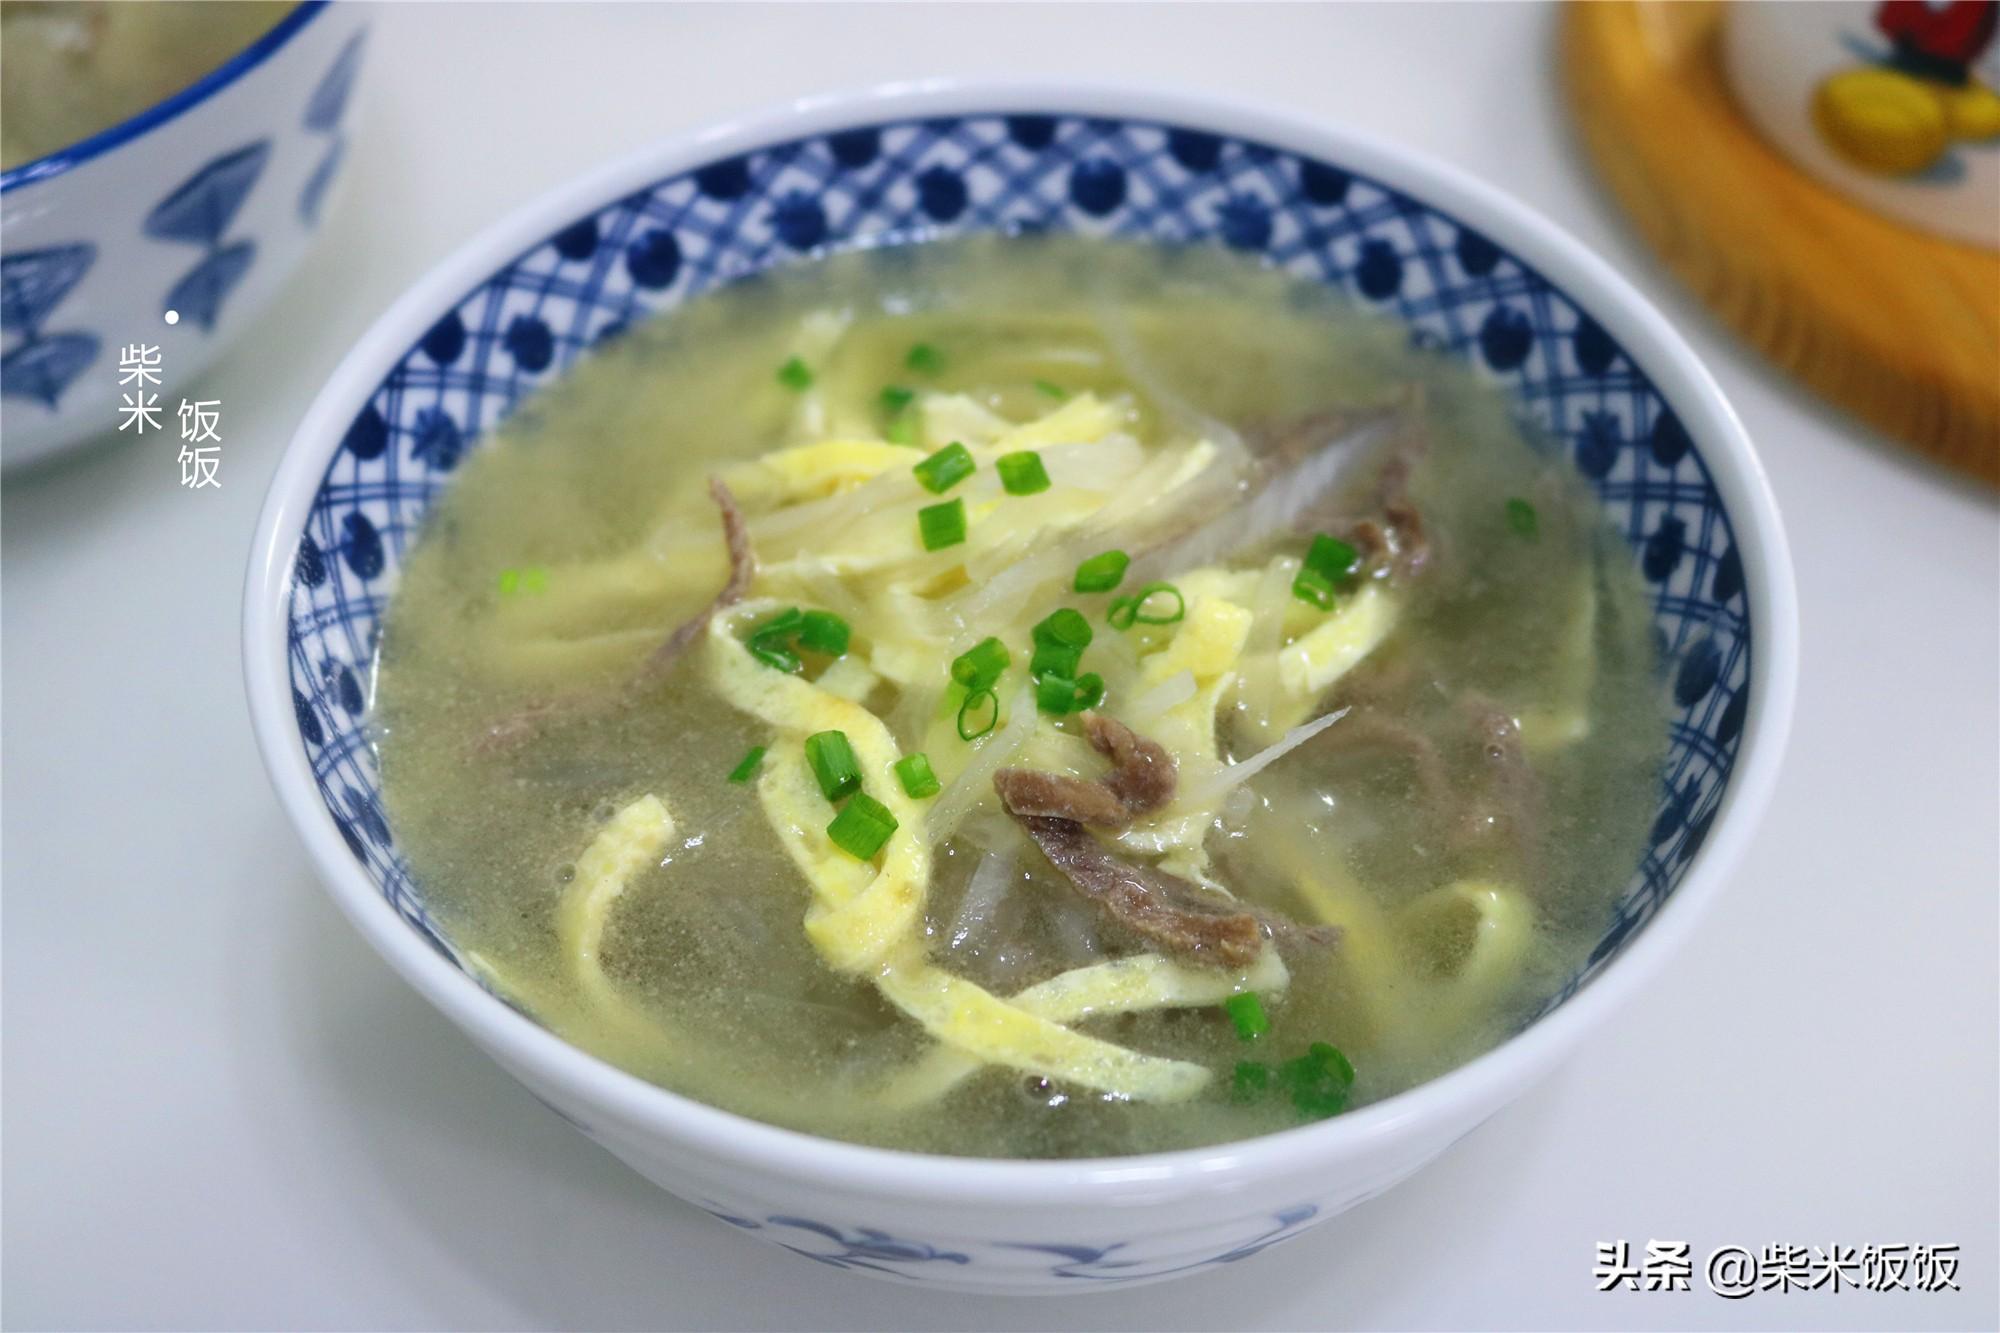 深秋十月,多喝这碗汤,3种食材搭配,营养补水,太鲜了